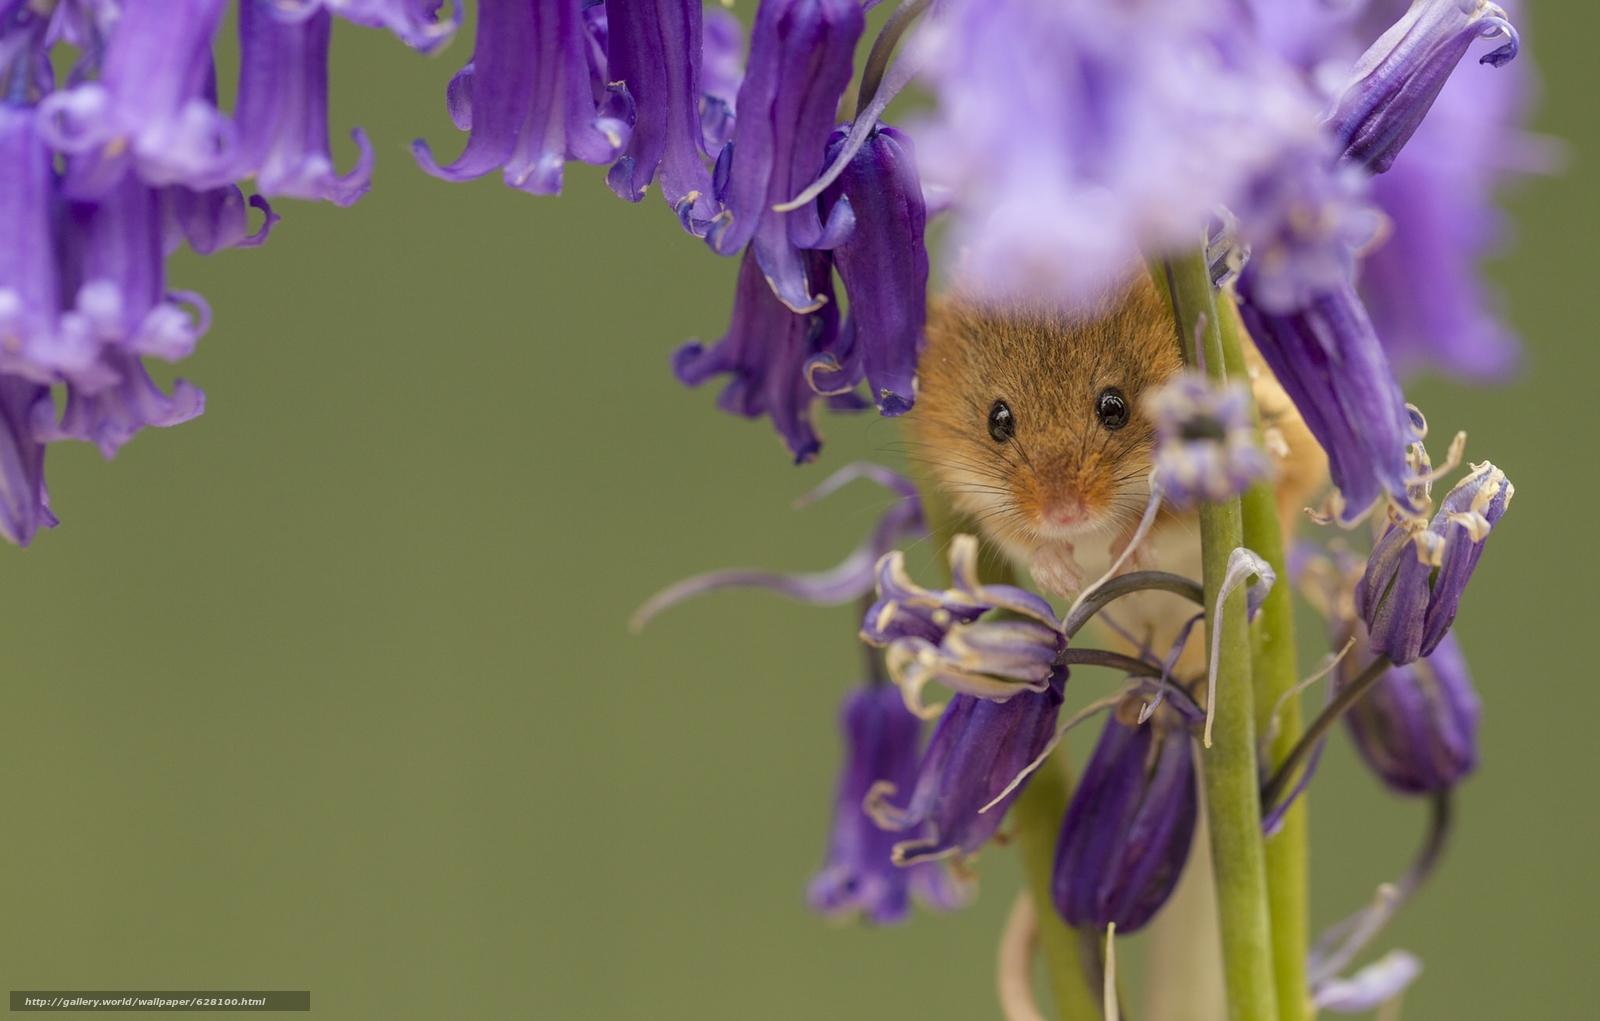 Harvest Mouse, Мышь-малютка, мышка, колокольчики, цветы, макро